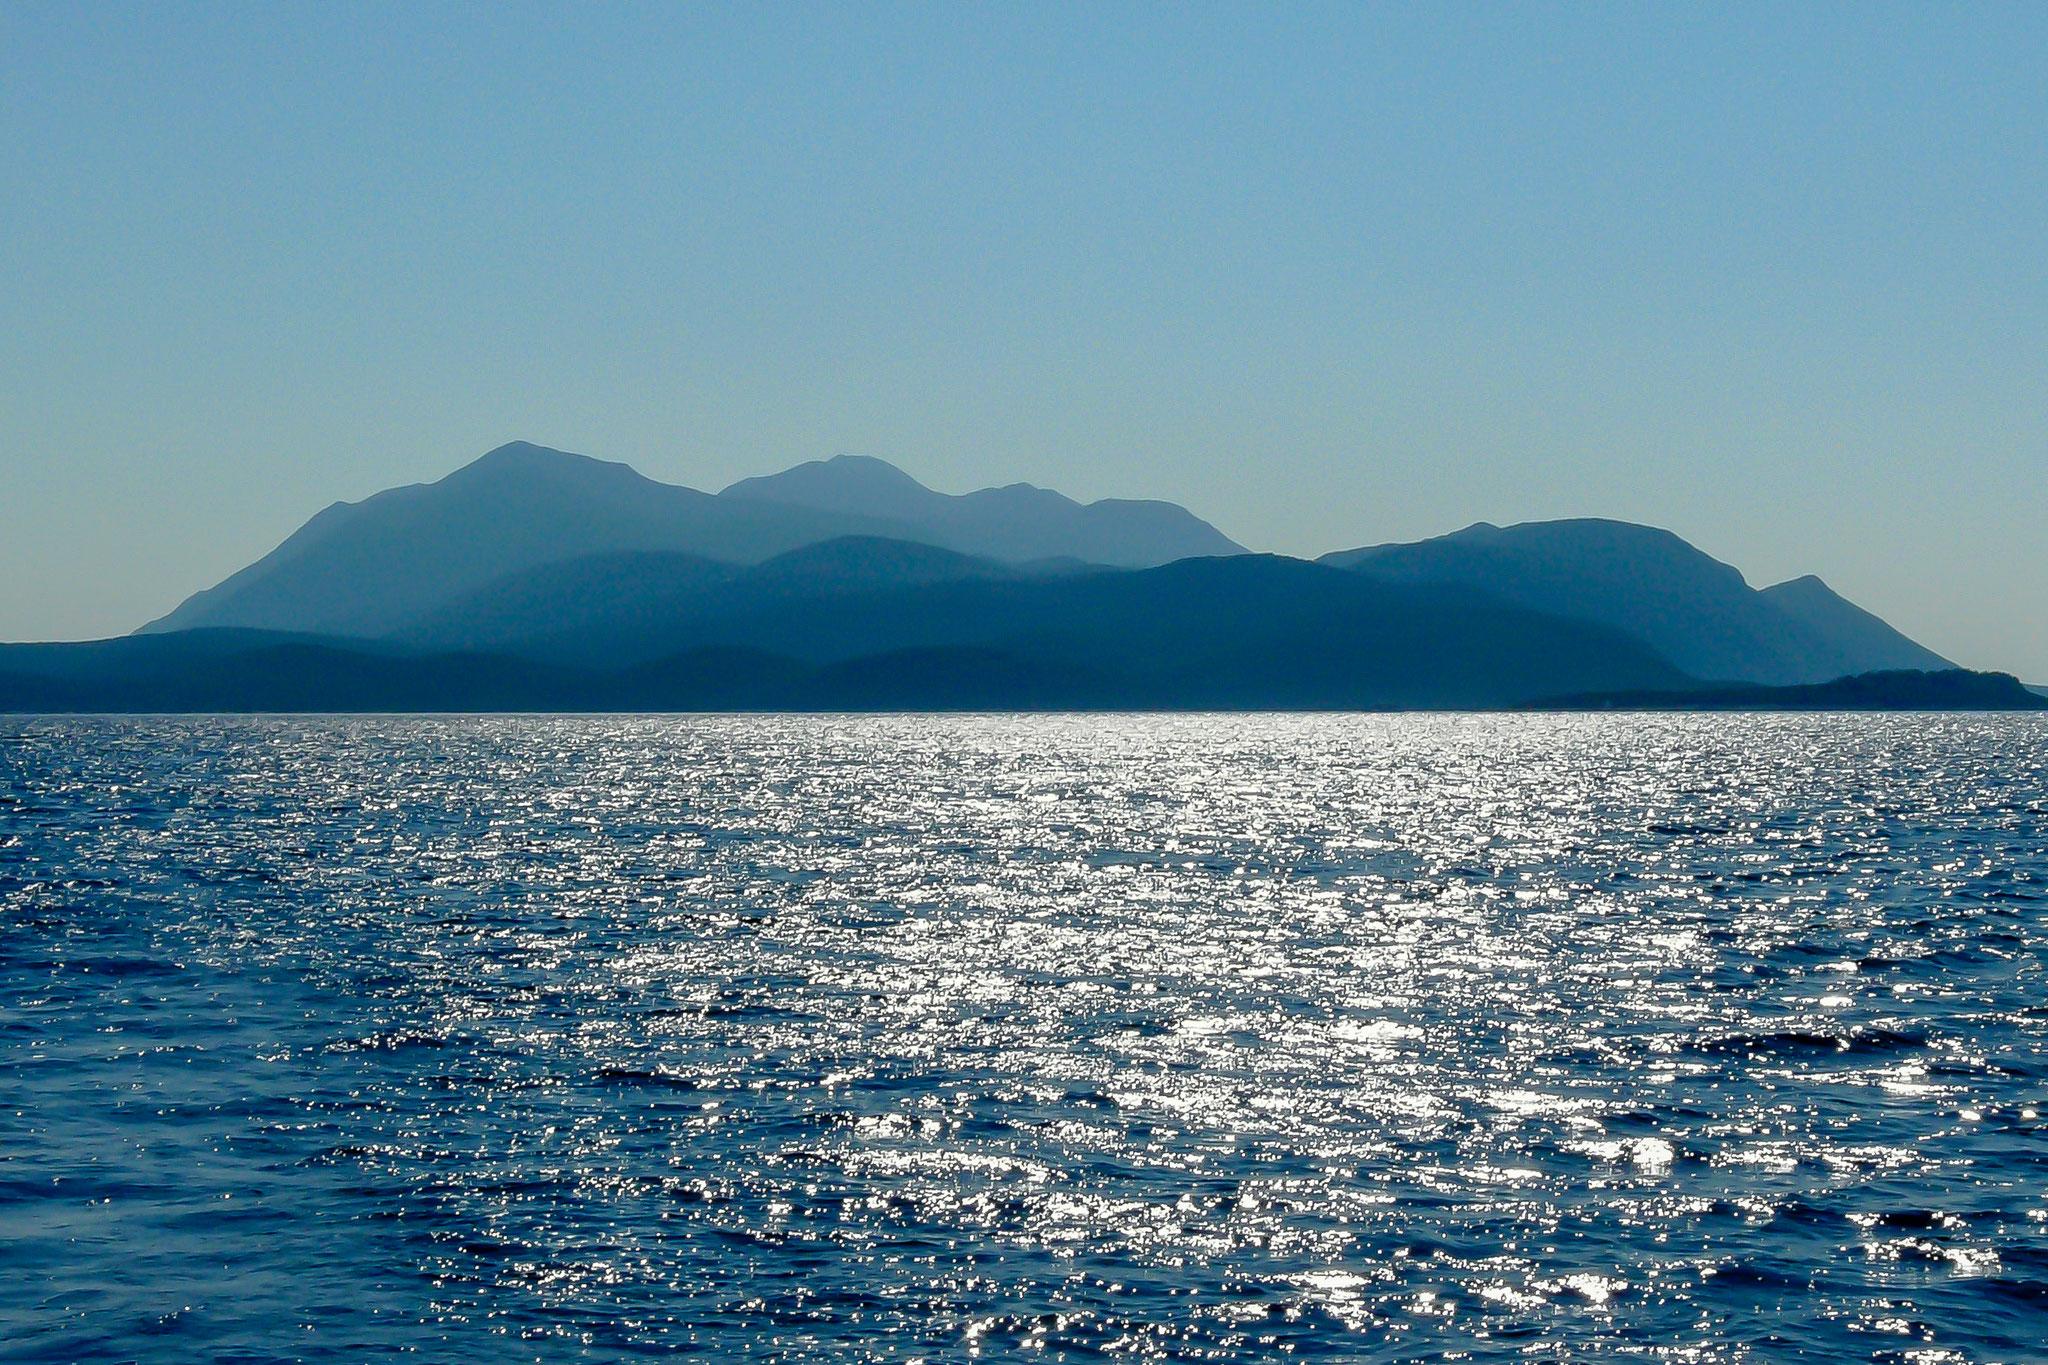 Die Insel Mijet